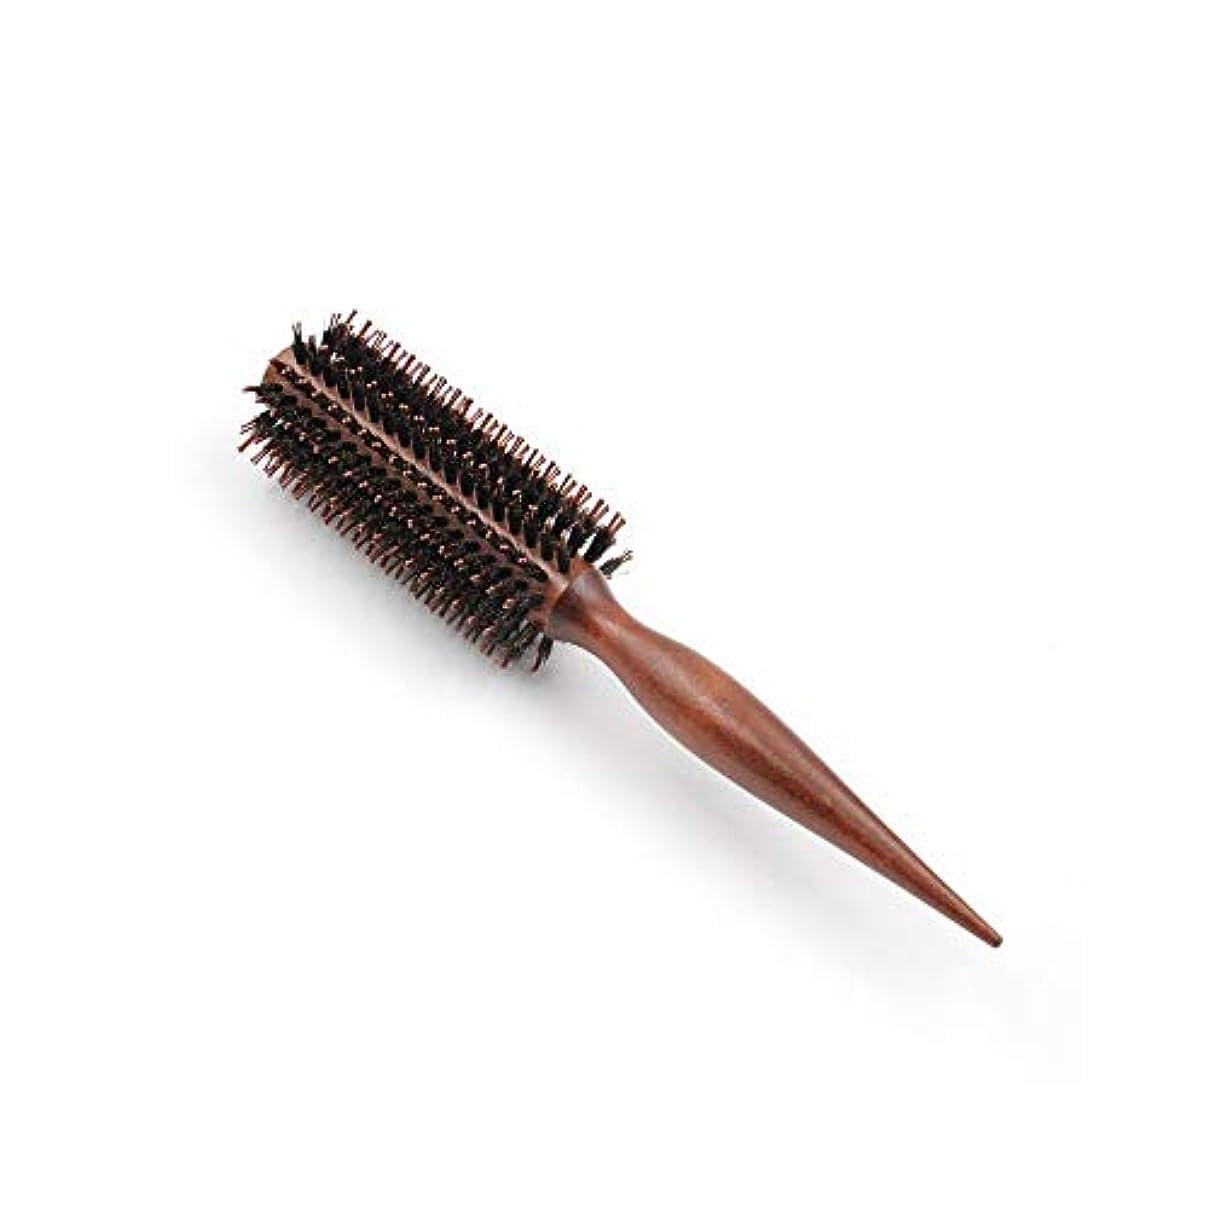 パラダイスレッスン影WASAIO 大広間の設計のための毛のブラシの剛毛の円形のブラシの打撃の乾燥した木の圧延の櫛 (Design : Straight, サイズ : 10 rows)